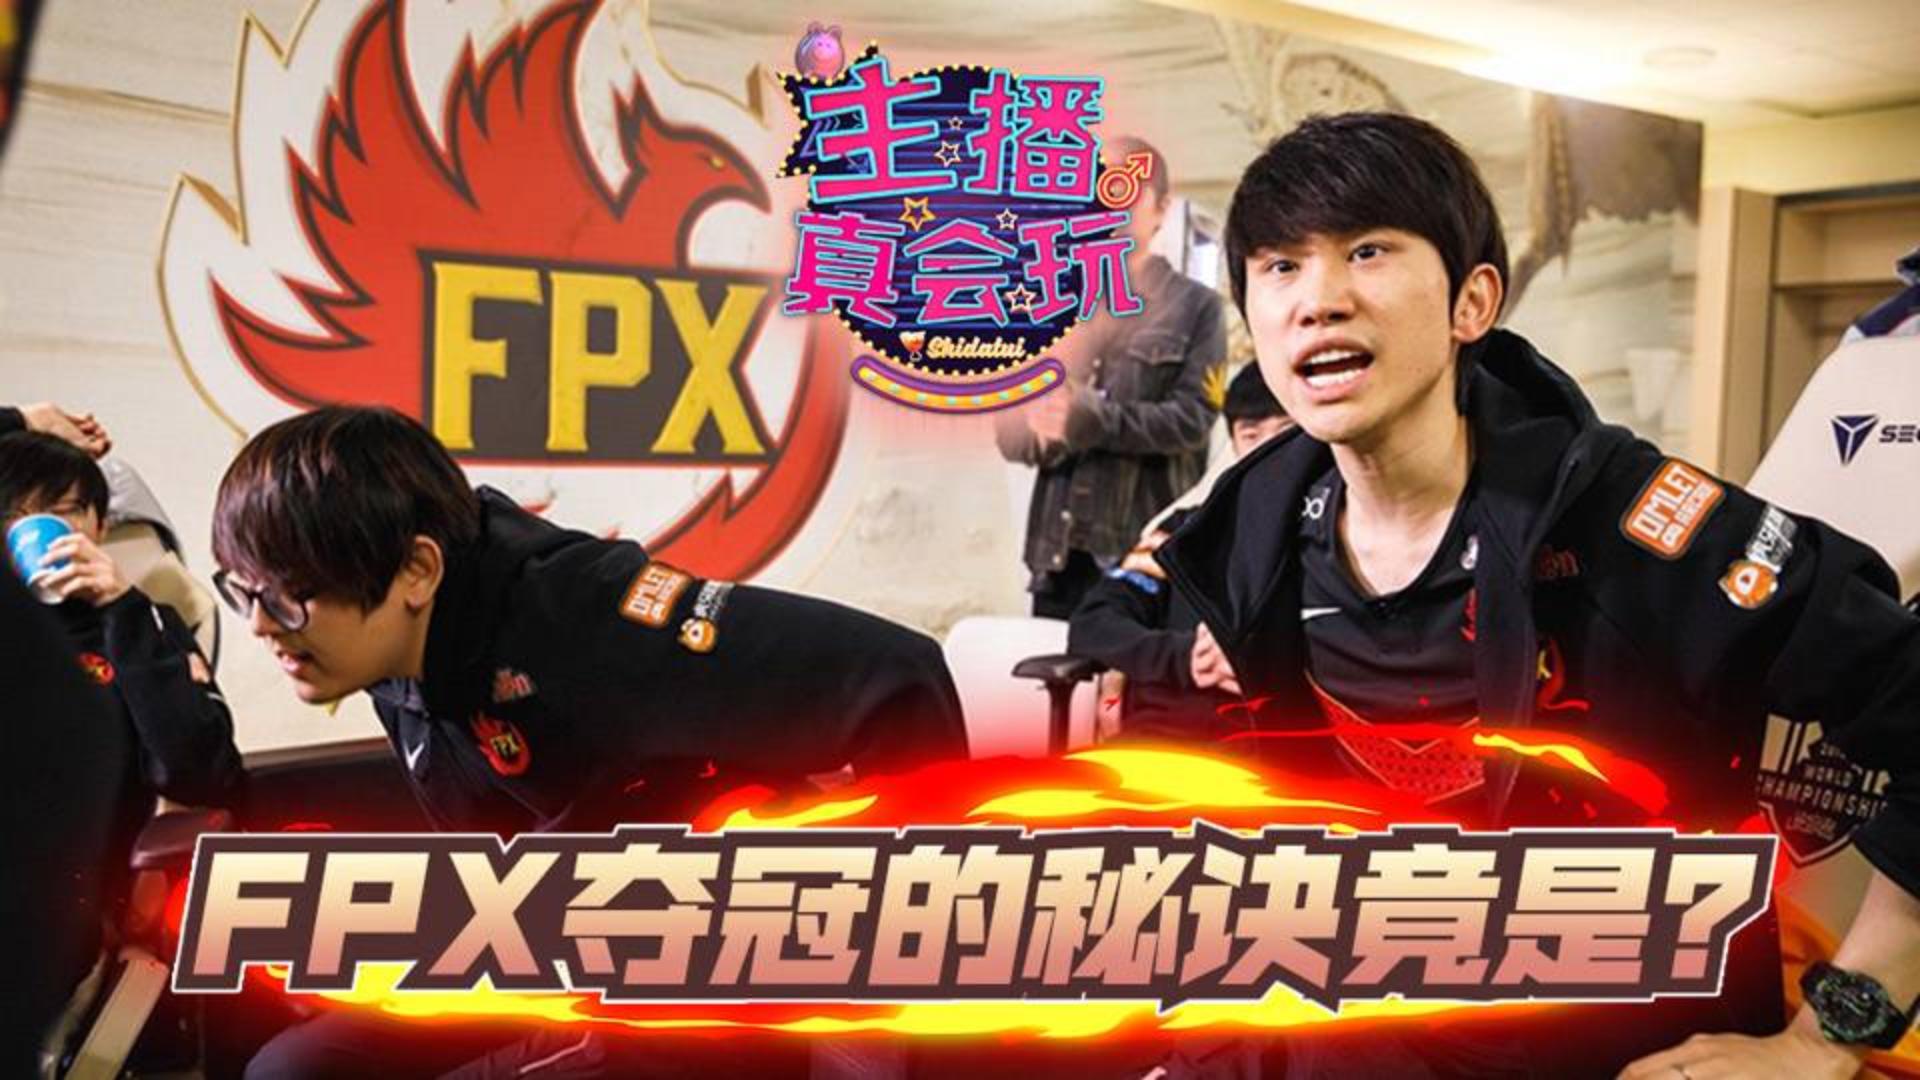 """【主播真会玩】174:FPX队员""""情同手足"""" ,夺冠的秘诀竟是……"""